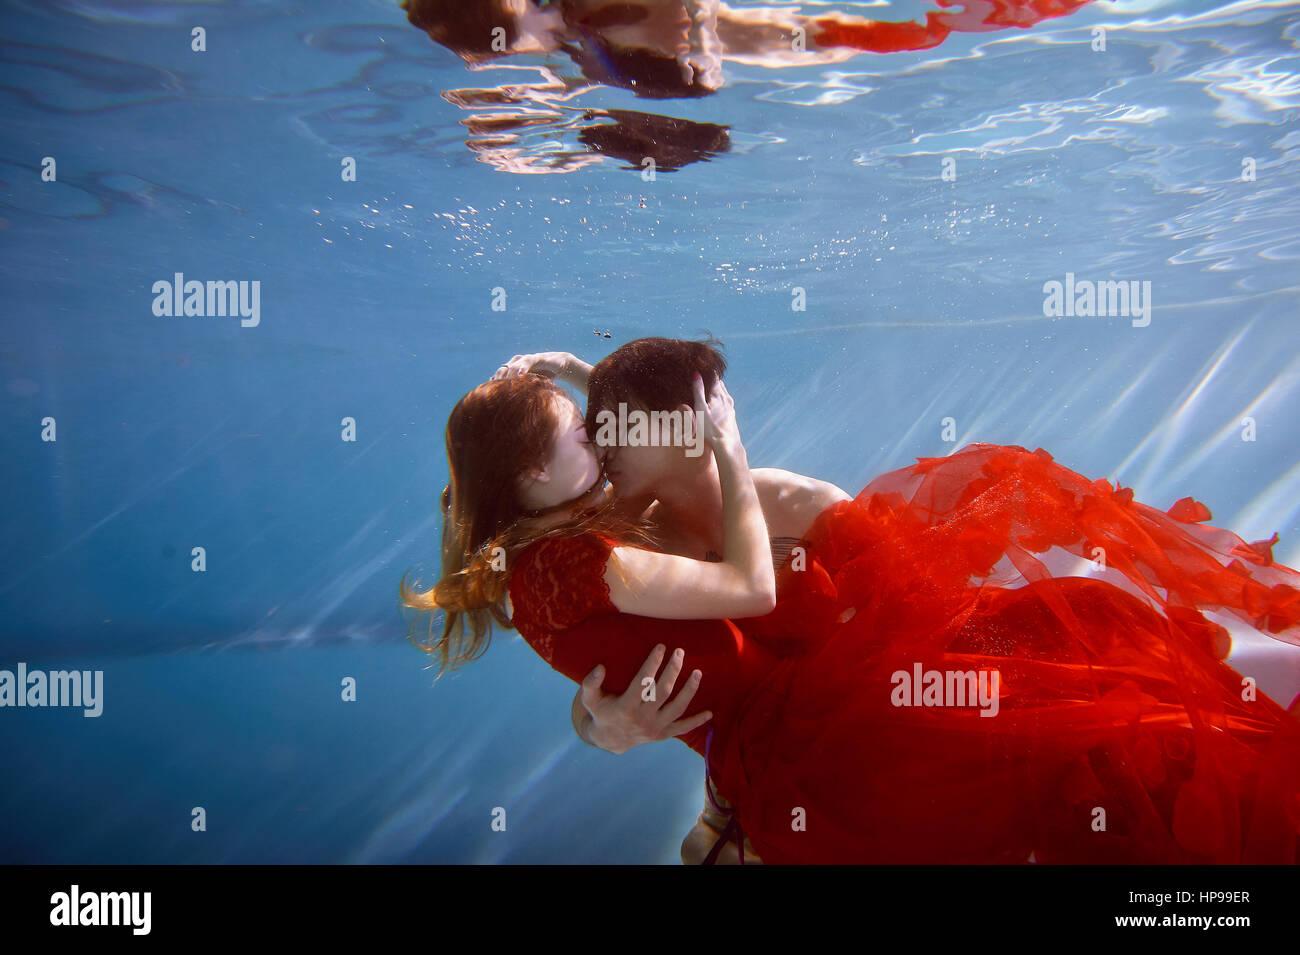 Bajo el agua en la piscina con el agua más pura. Pareja amorosa abrazarse. El sentimiento de amor y cercanía. Imagen De Stock